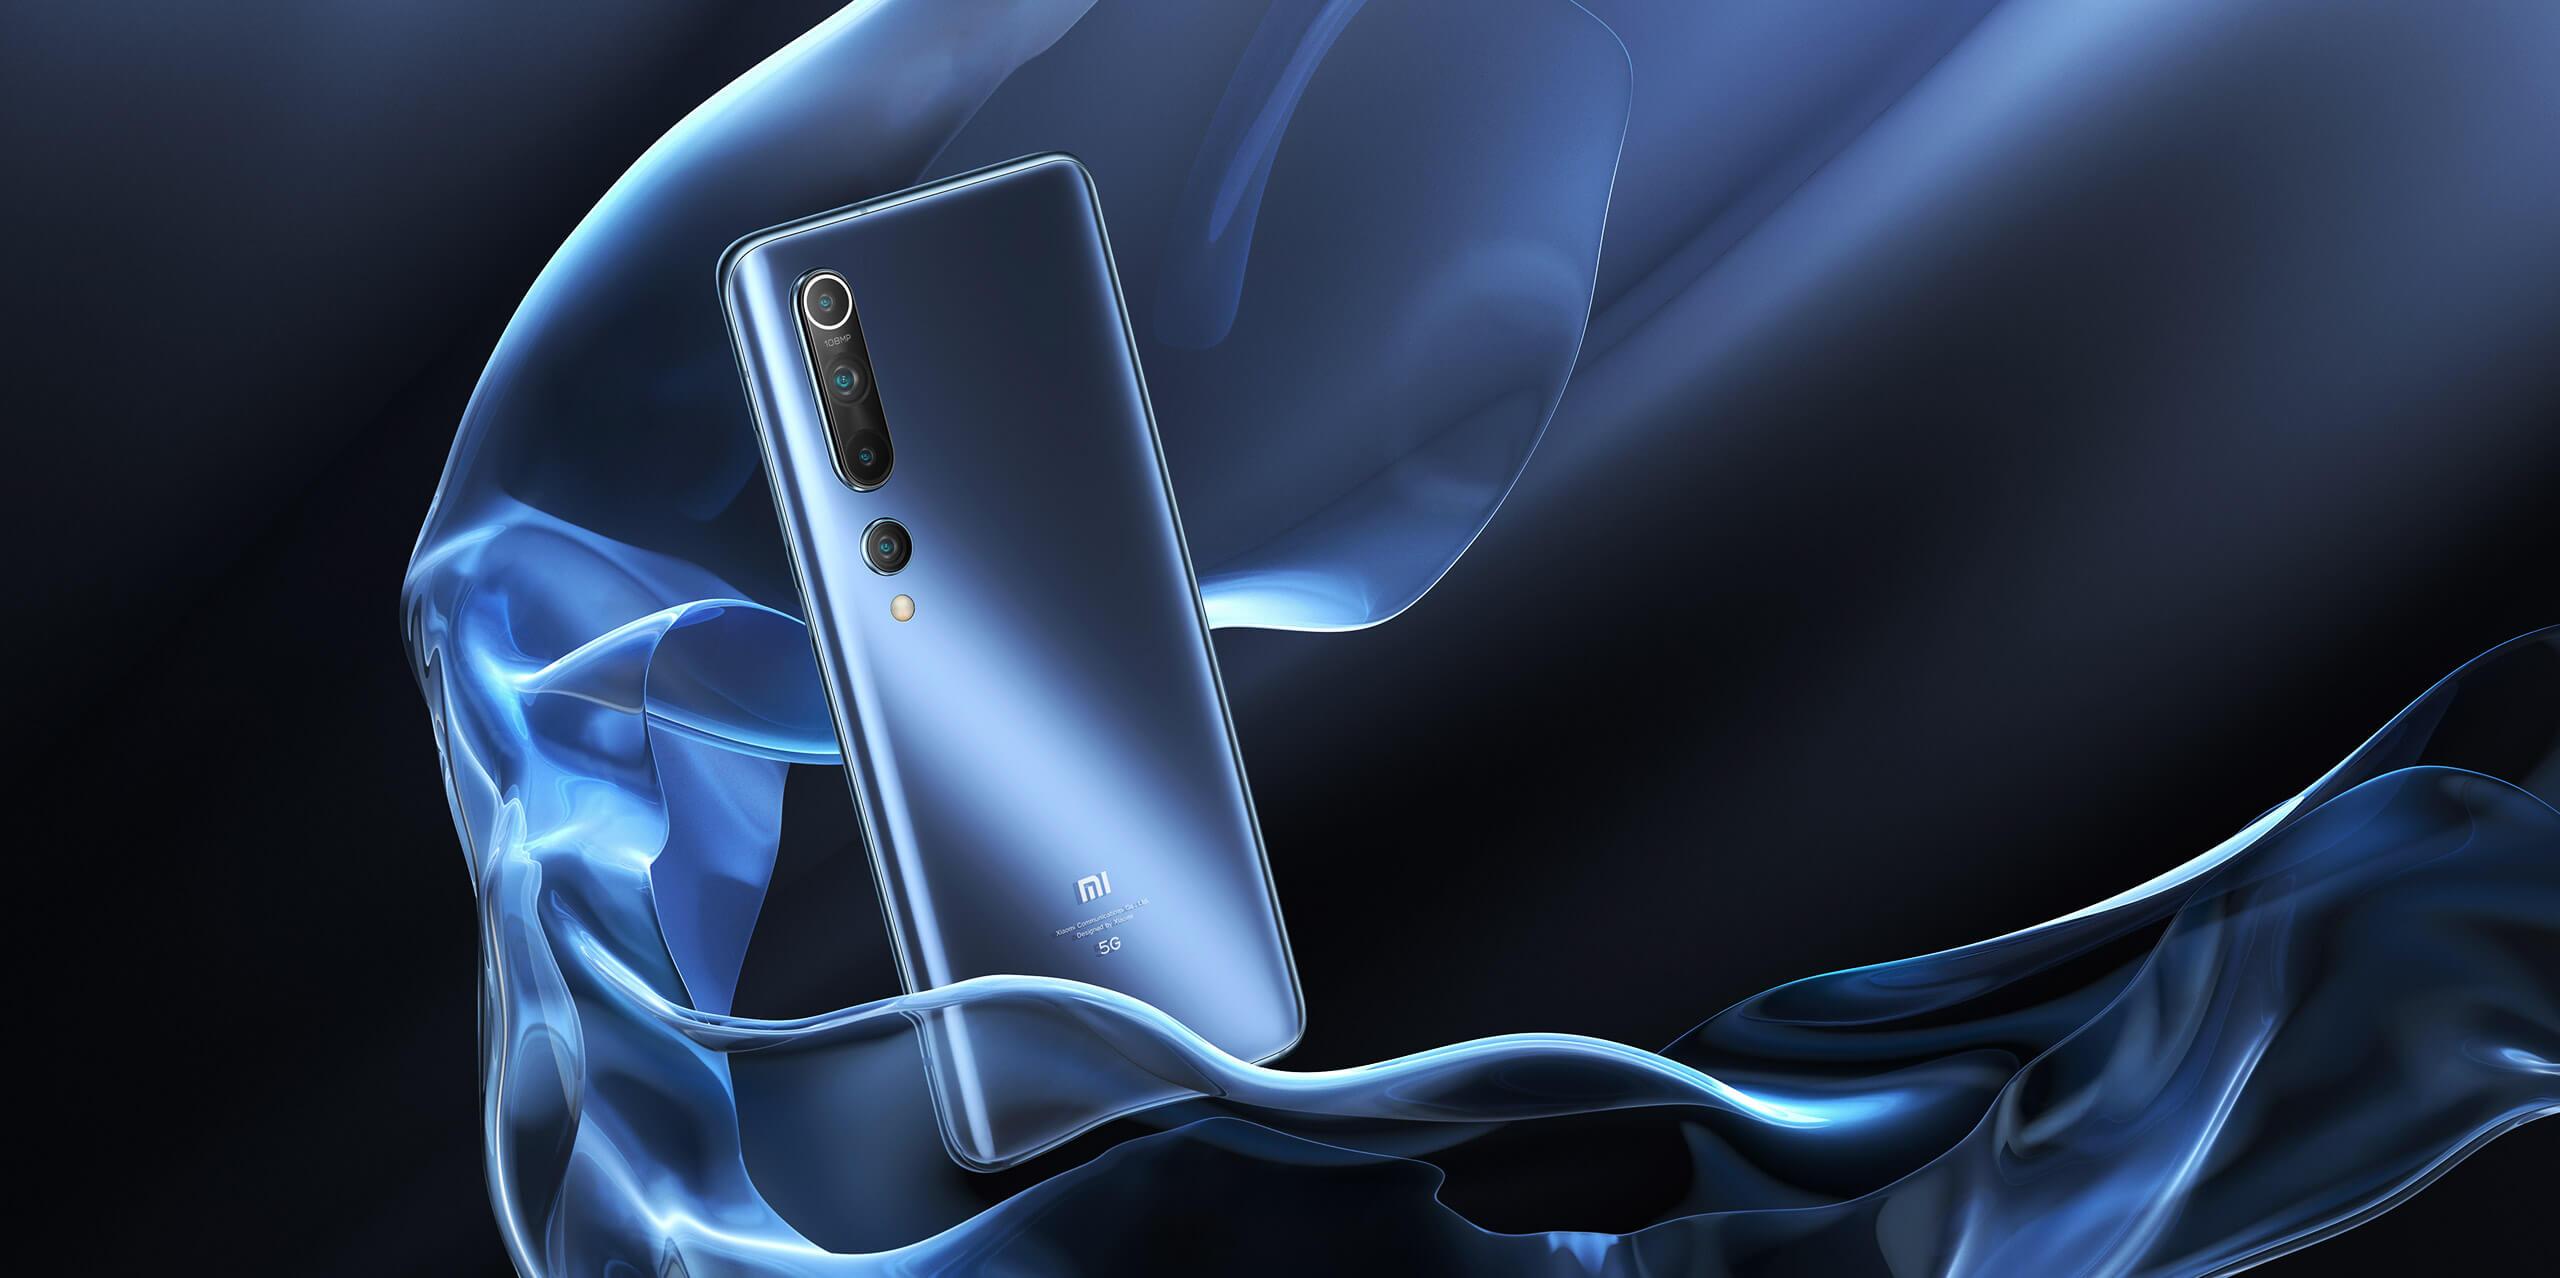 گوشی  شیائومی mi 10 دارای ابعاد 162.5×74.8×9 میلی متر و وزن 208 گرم  و طراحی بی نظیر می باشد.